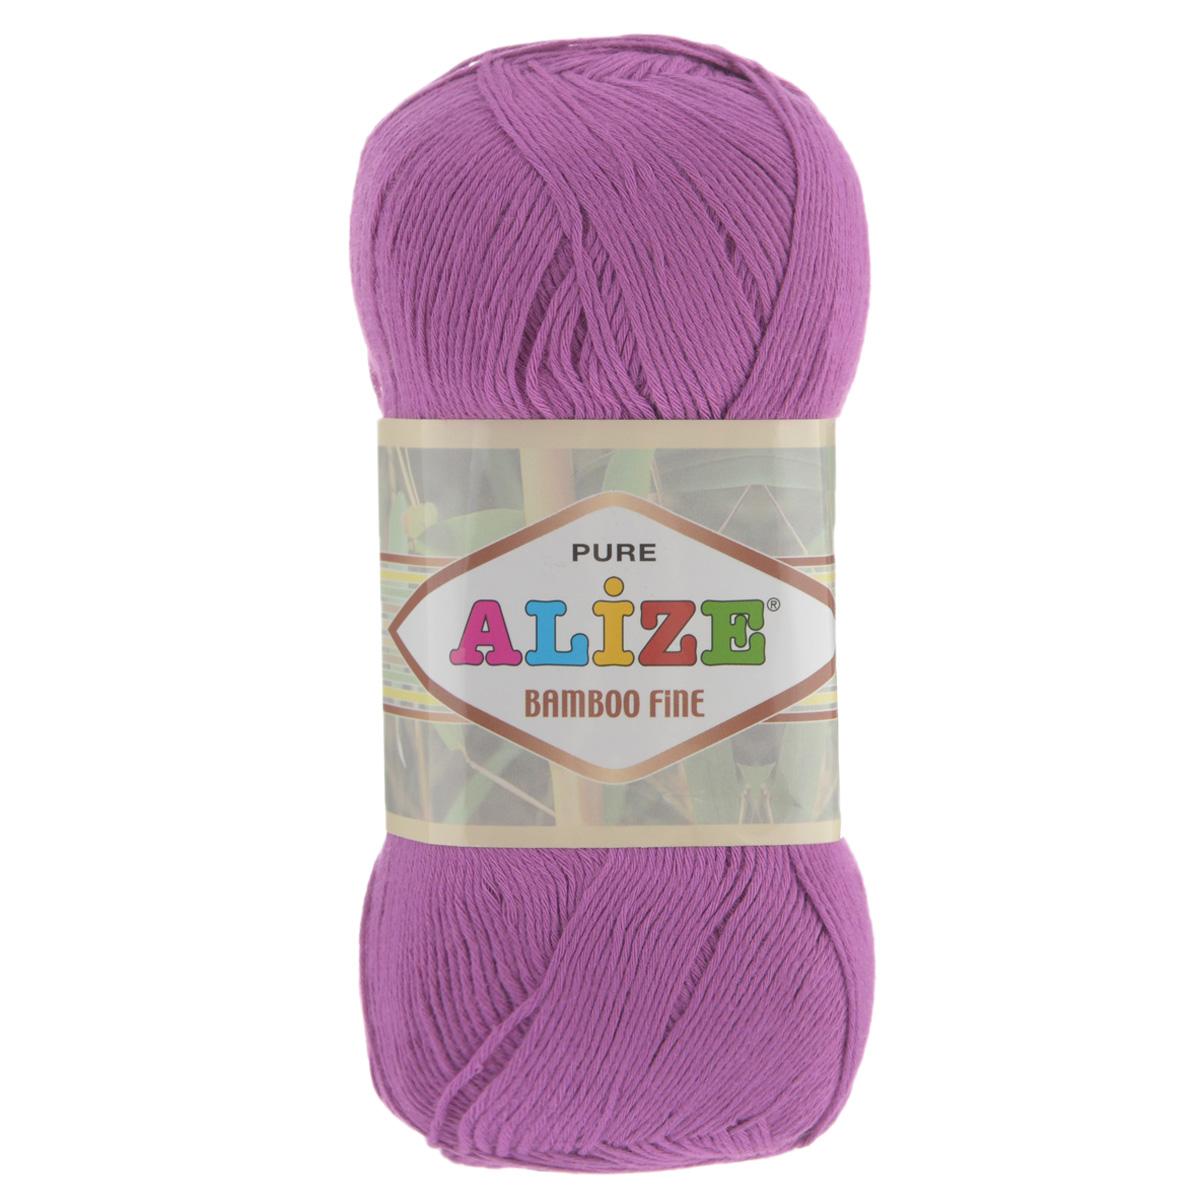 Пряжа для вязания Alize Bamboo Fine, цвет: светлая фуксия (46), 440 м, 100 г, 5 шт пряжа для вязания alize bamboo fine цвет зеленый синий фиолетовый 3260 440 м 100 г 5 шт